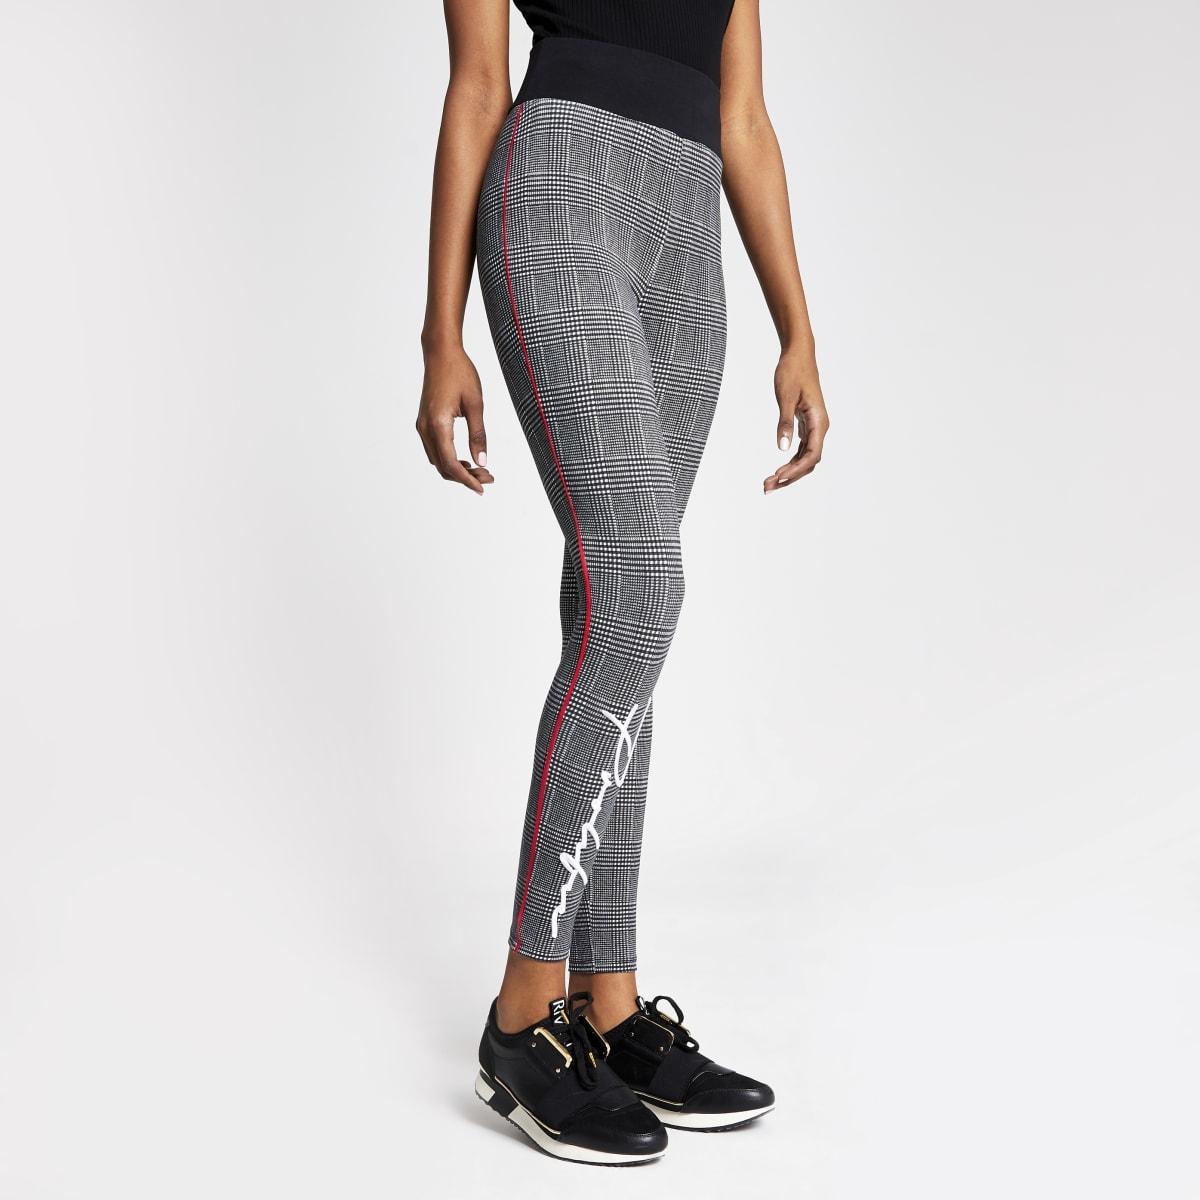 Prolific – Pantalons de jogging ajustés noirsà carreaux